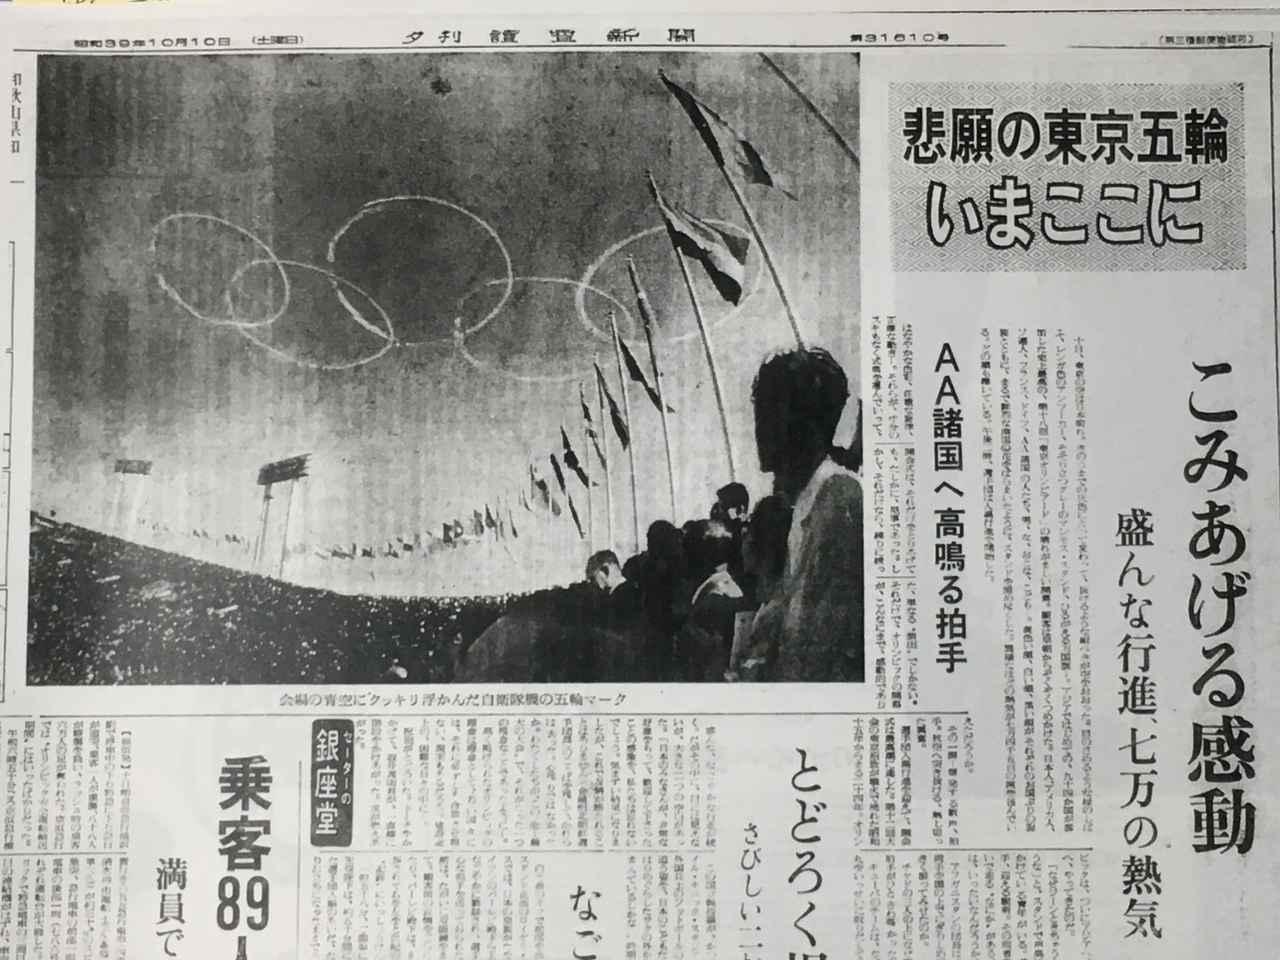 画像: 全国紙新聞で唯一ブルーの五輪の写真を載せた1964年10月10日(土)付の読売新聞夕刊11面。手前にスタンドから見上げる観客を入れ込んでおり、広角レンズを効果的に使った印象的な写真だ。